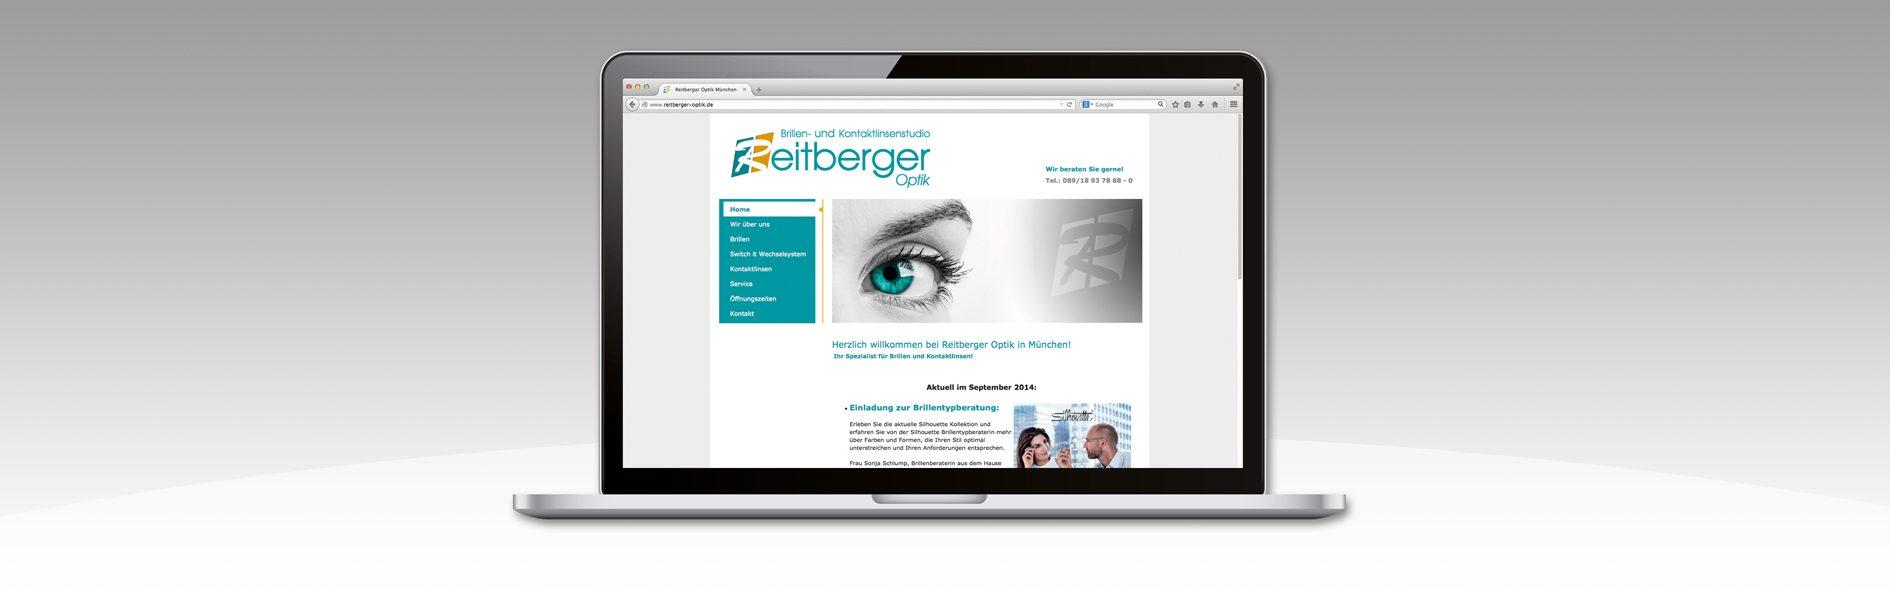 Hier ist die Home-Seite von Reitberger Optik abgebildet.